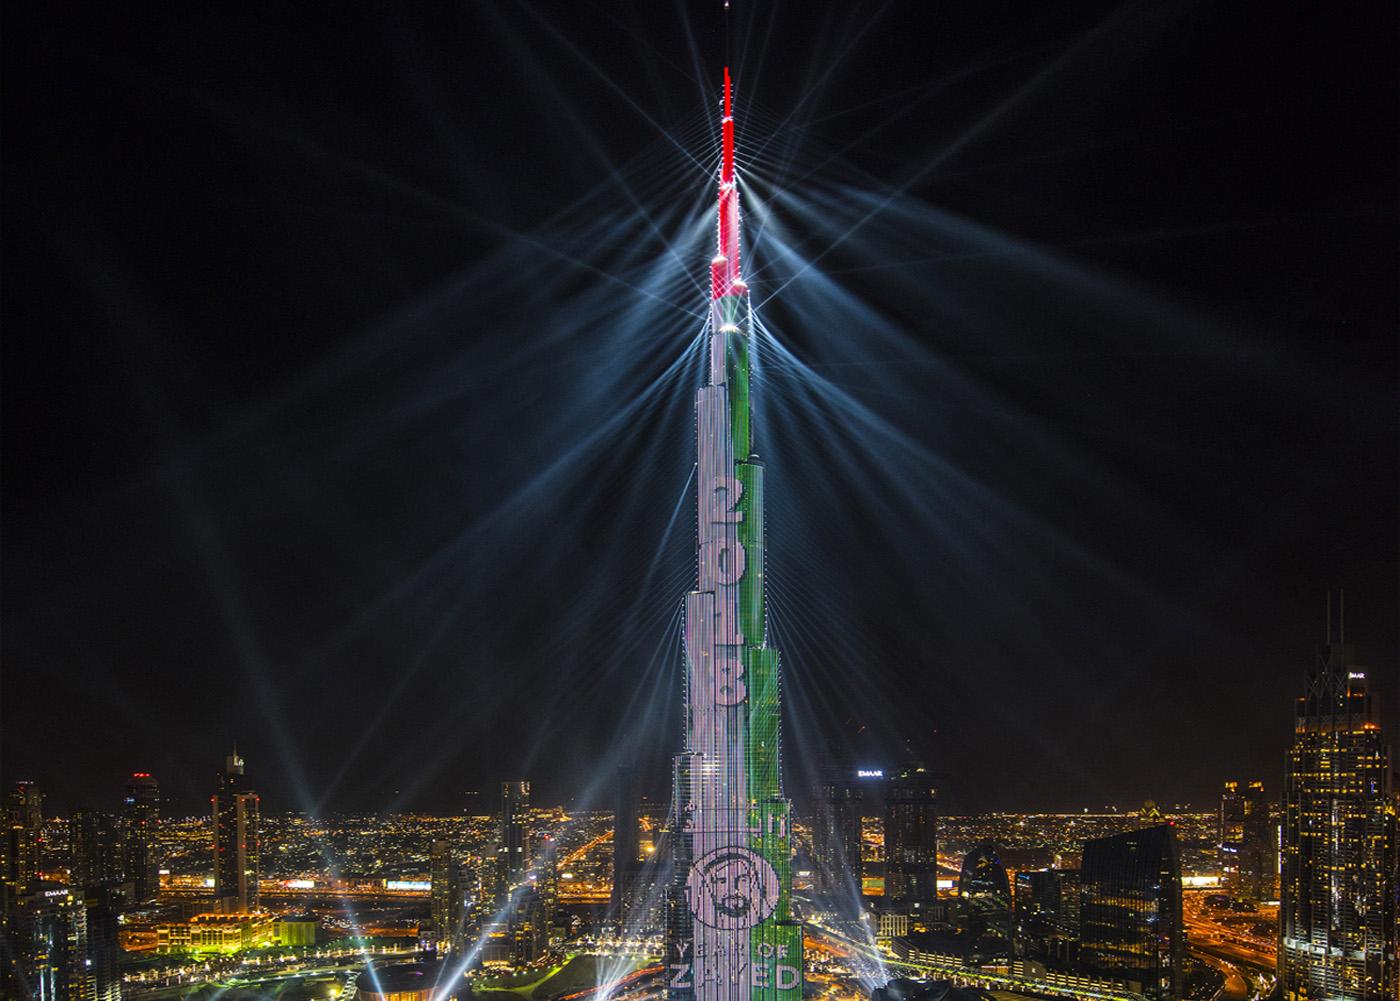 ผลการค้นหารูปภาพสำหรับ burj khalifa